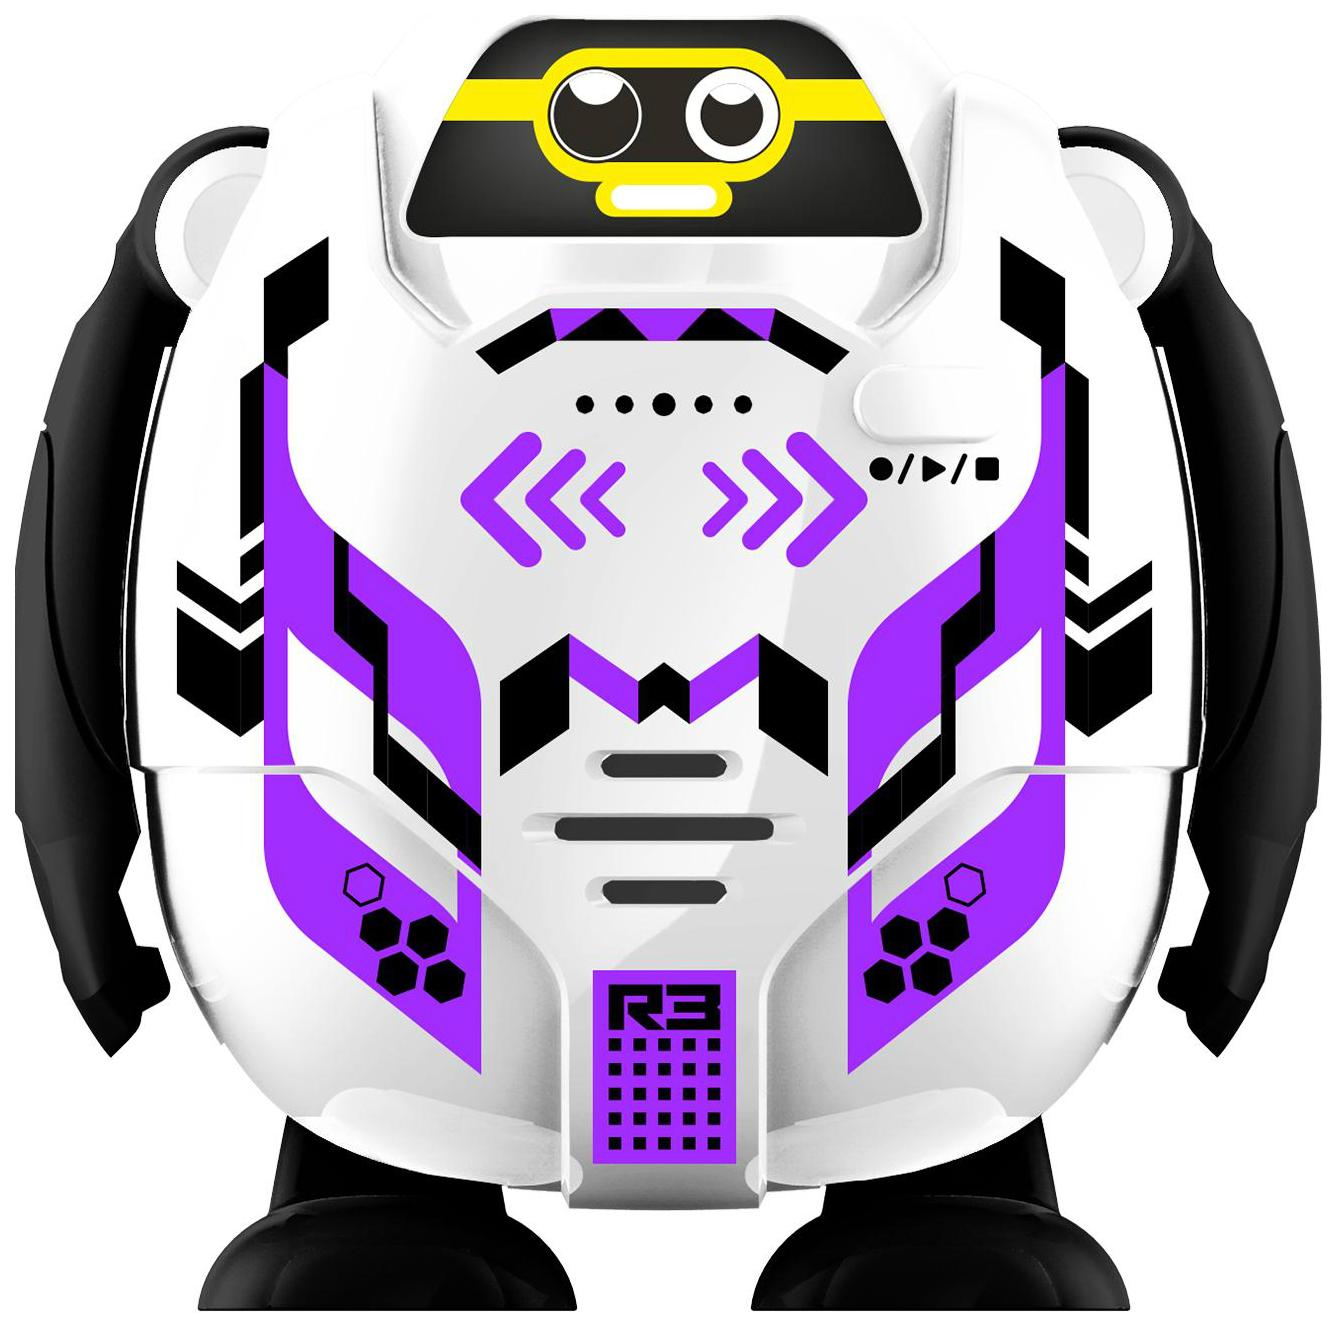 Развивающая игрушка Silverlit Токибот 88535S-3 белый фото